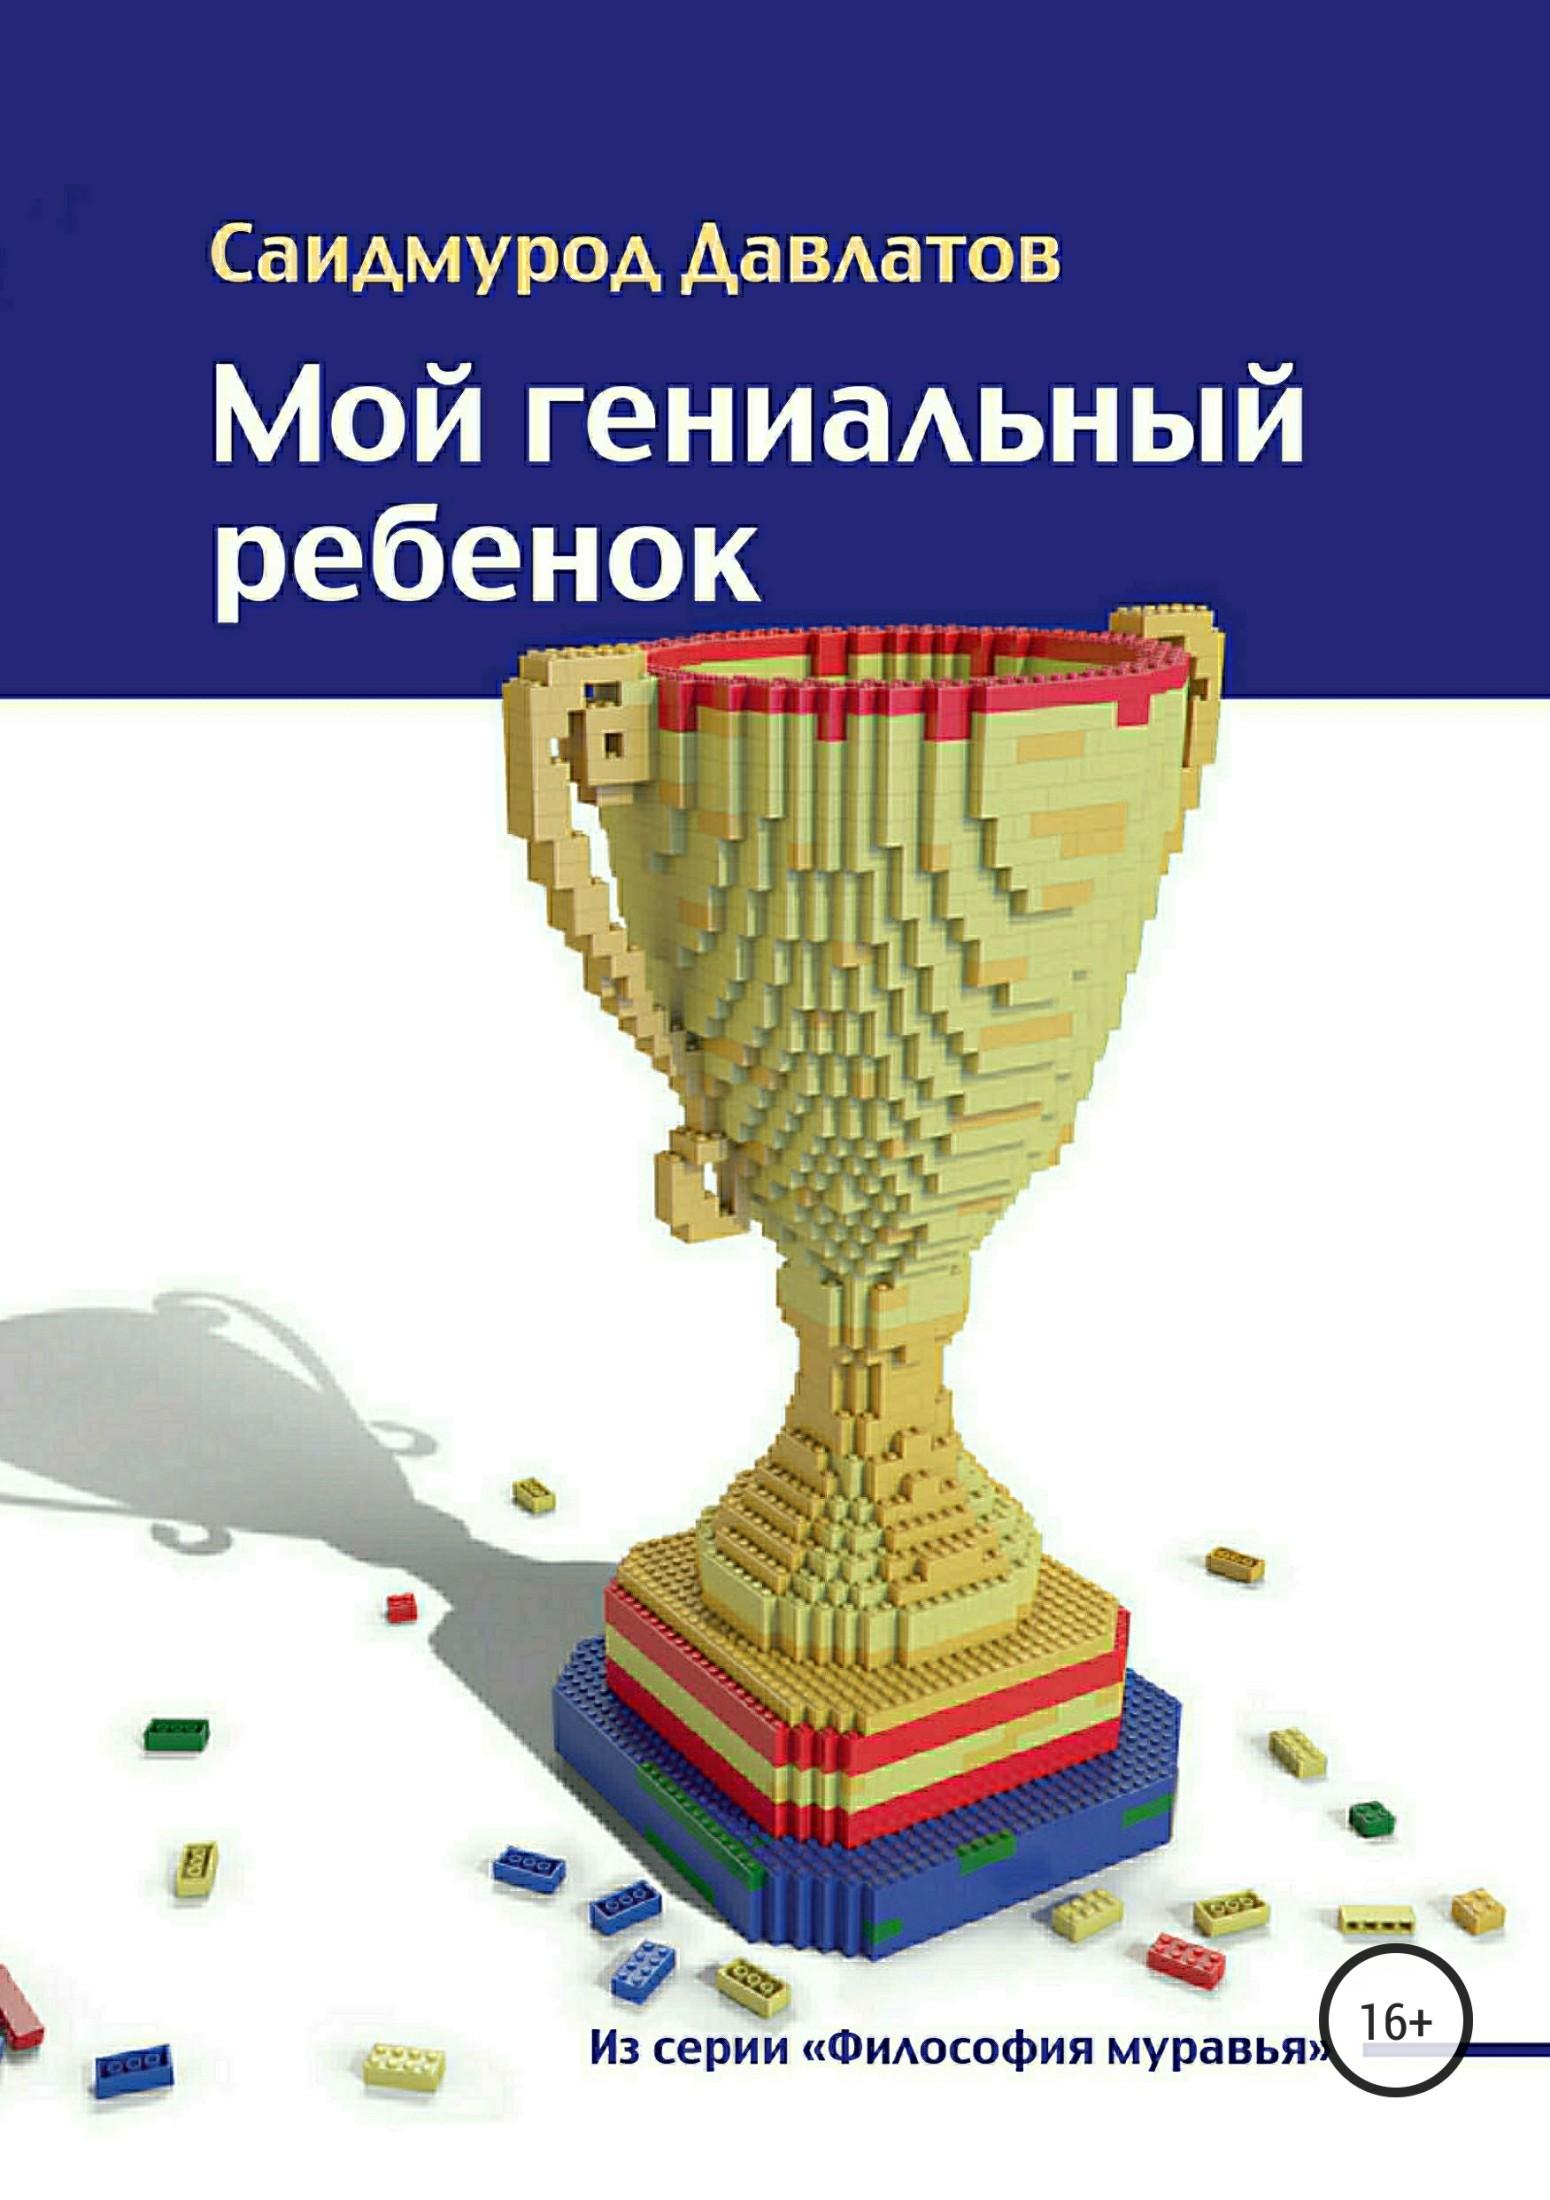 Саидмурод Давлатов - Мой гениальный ребенок